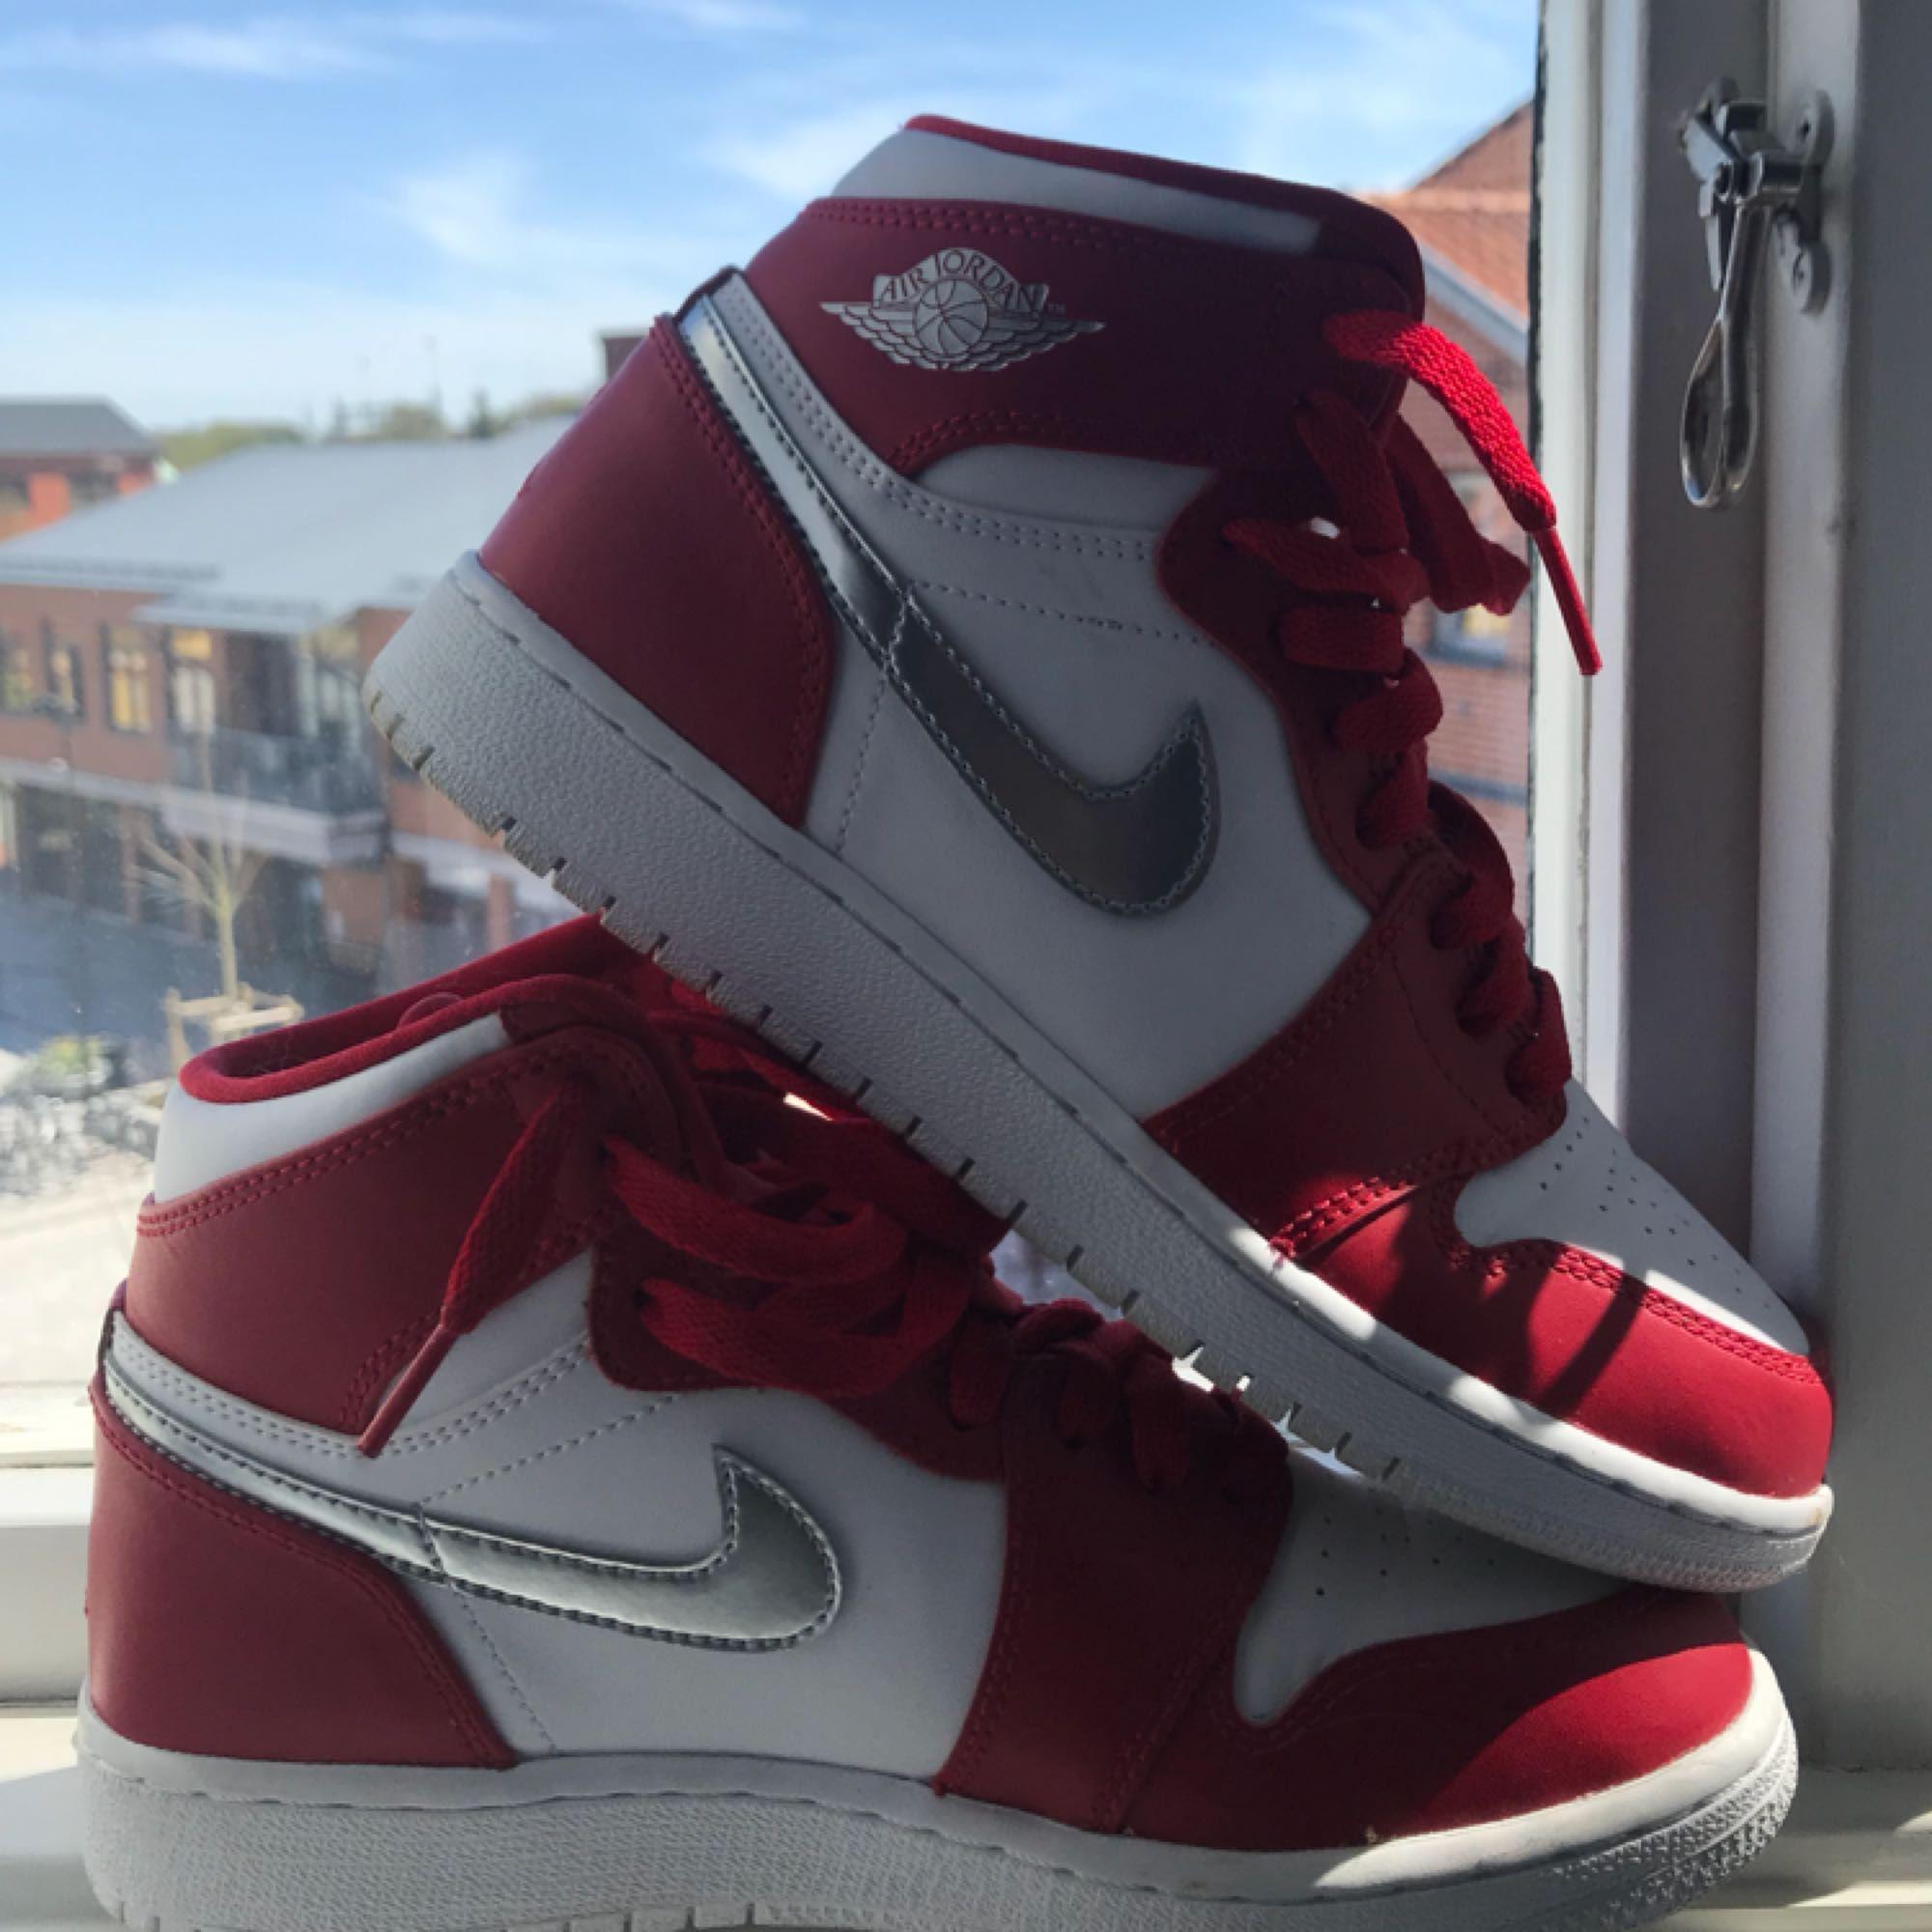 223d4e3333f Riktigt käcka Air Jordan 1 endast - Nike Skor - Second Hand